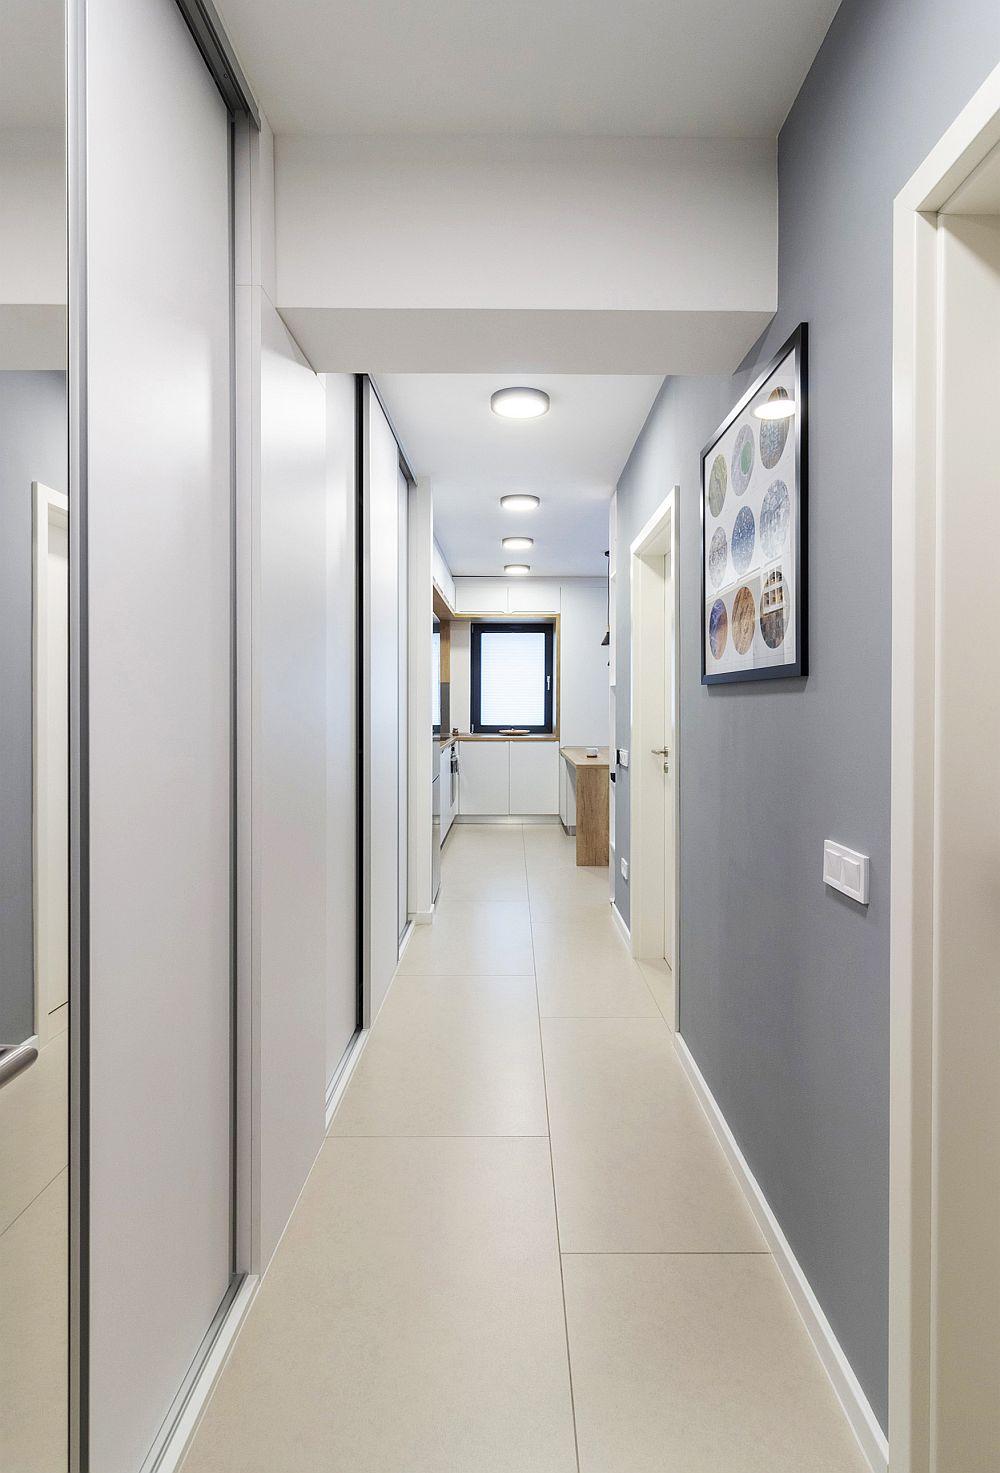 Holul suficient de lat a fost folosit pentru depozitare. Aici arhitecta a prevăzut dulapuri cu uși glisante, toate tratate în alb în acord cu plafonul. Pe partea opusă lor a folosit o nuanță de gri, care dă un aer actual, dar care rezistă foarte bine și la murdărire. În plus, griul pune în evidență golurile, adică ușile interioare și plinta, ceea ce conferă un aer elegant.